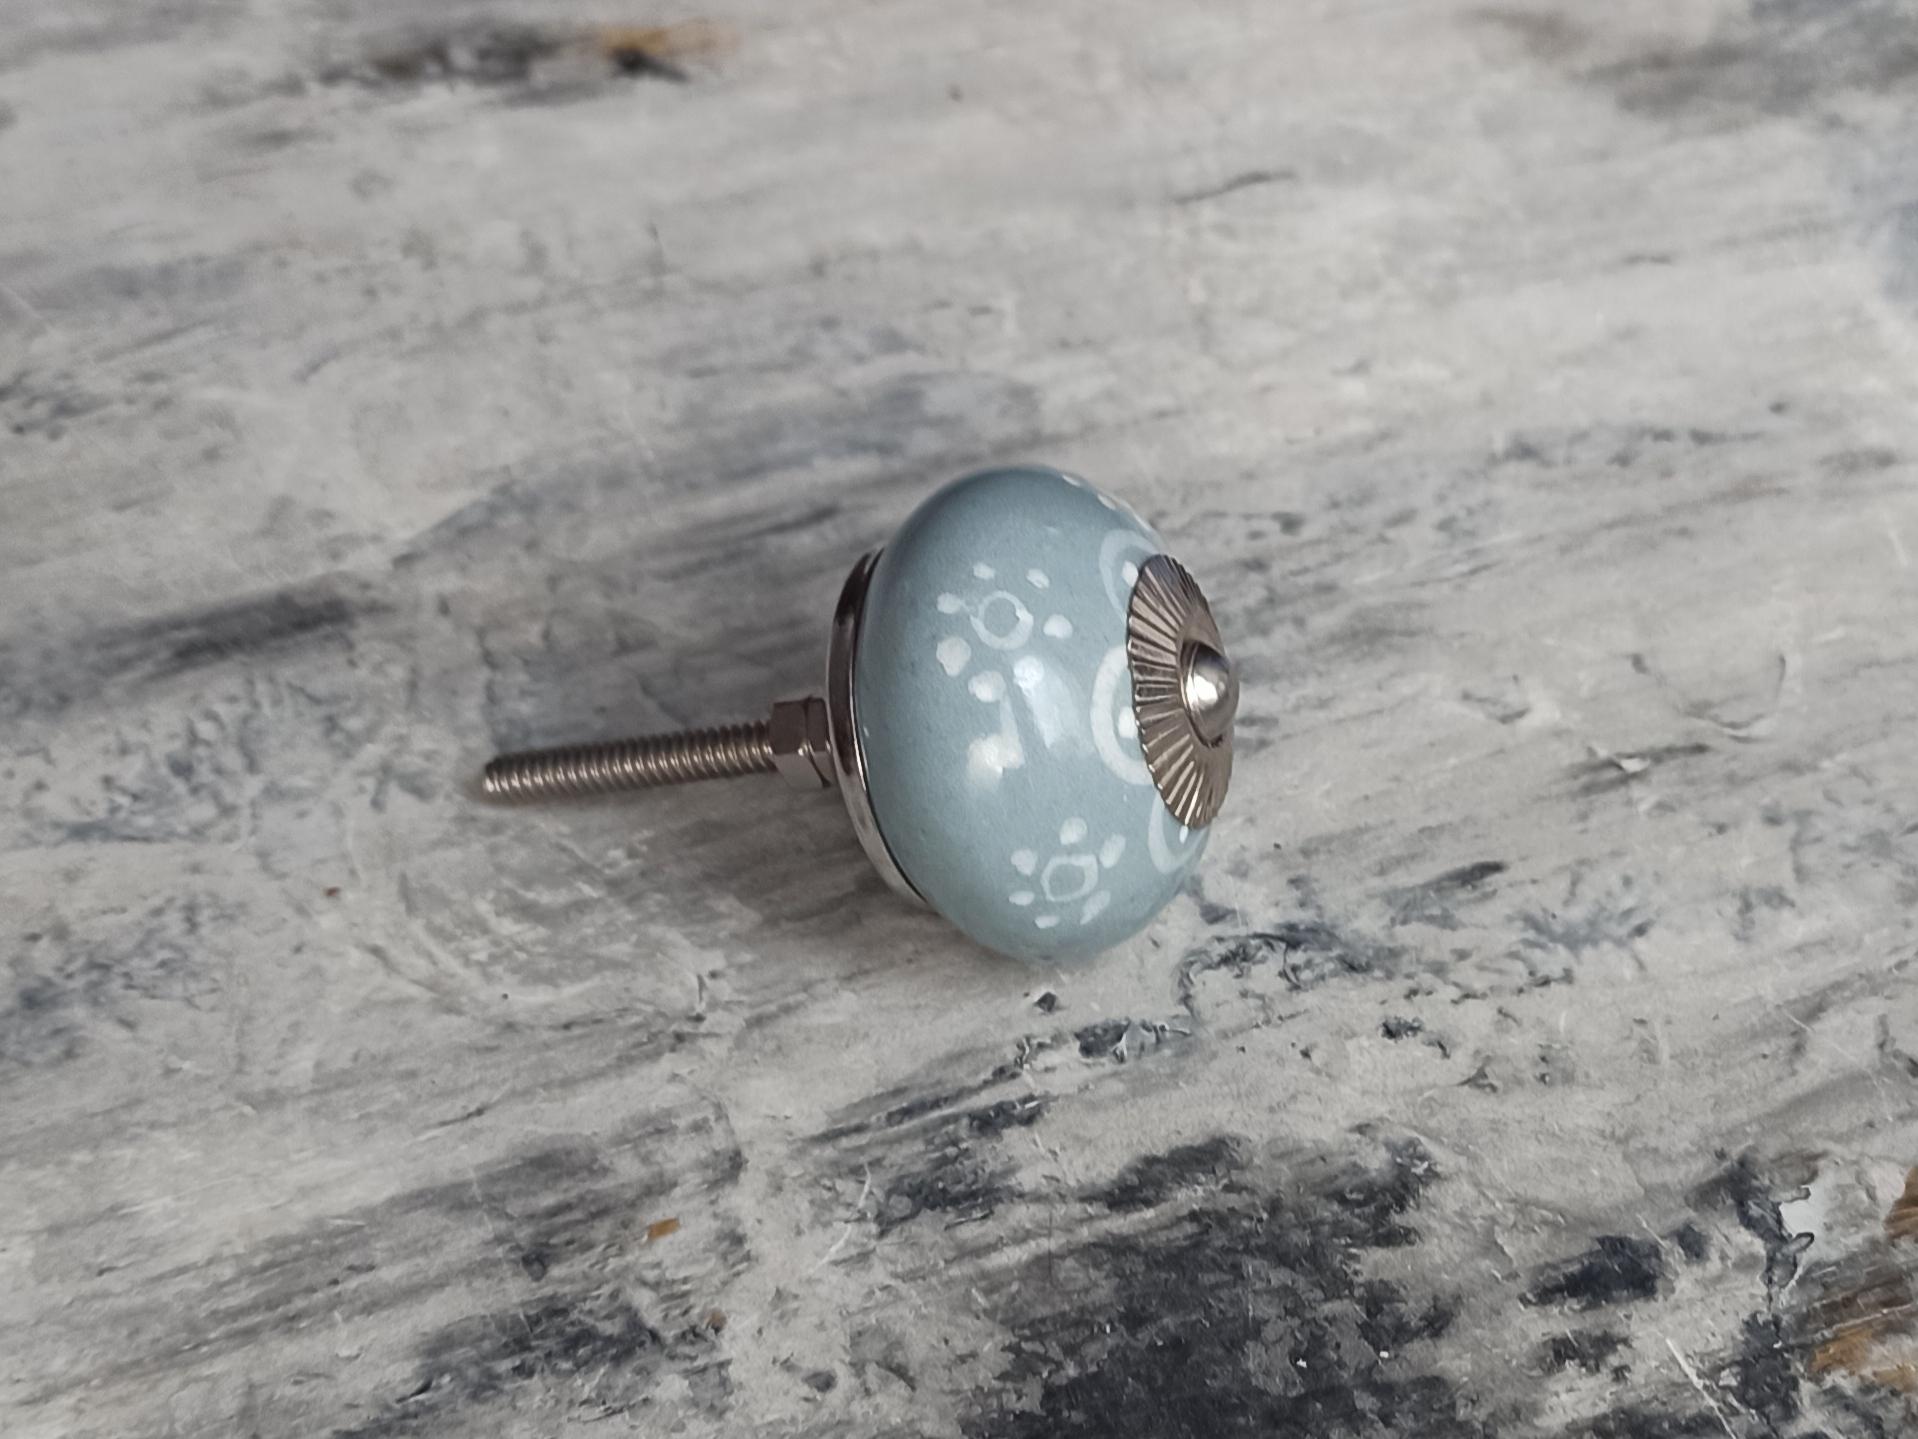 Ручка мебельная керамическая  - серая с белым цветочным орнаментом, арт.